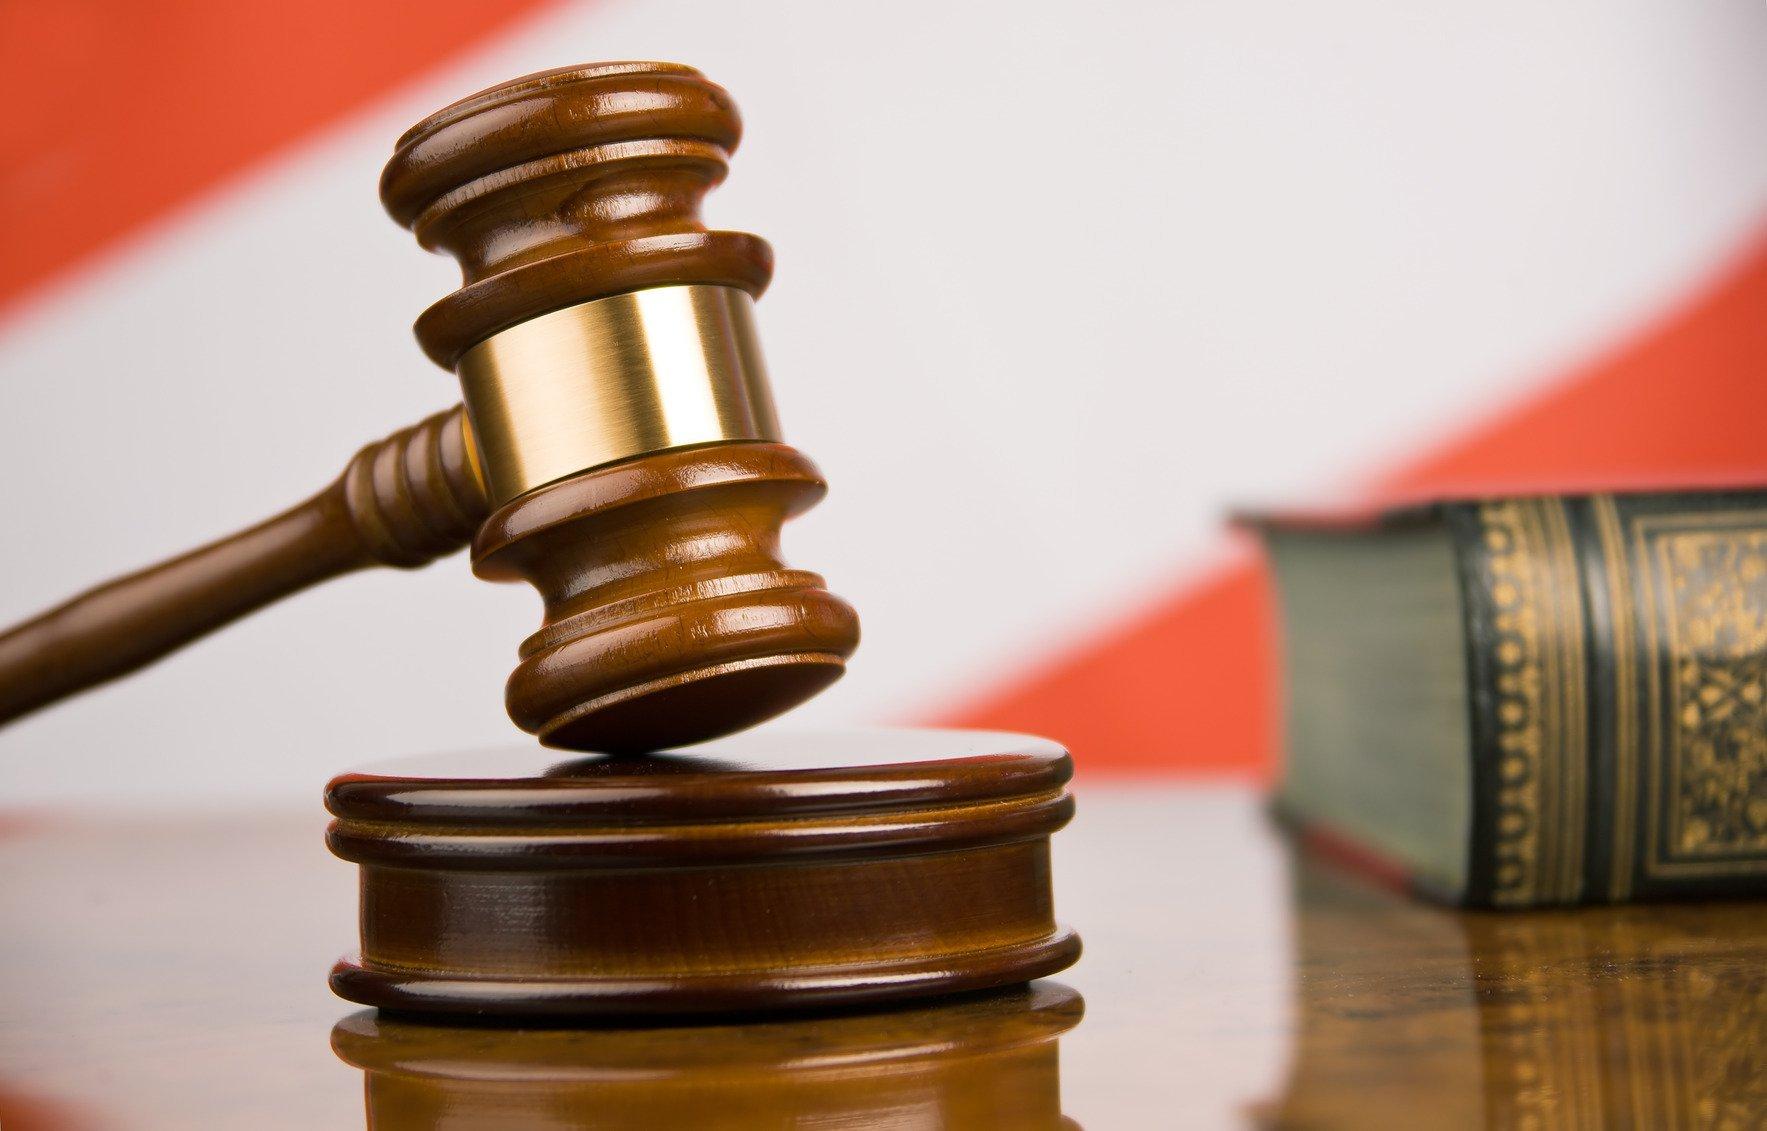 Изображение - Закон о тсж (товарищество собственников жилья) 368811-5e75b84c